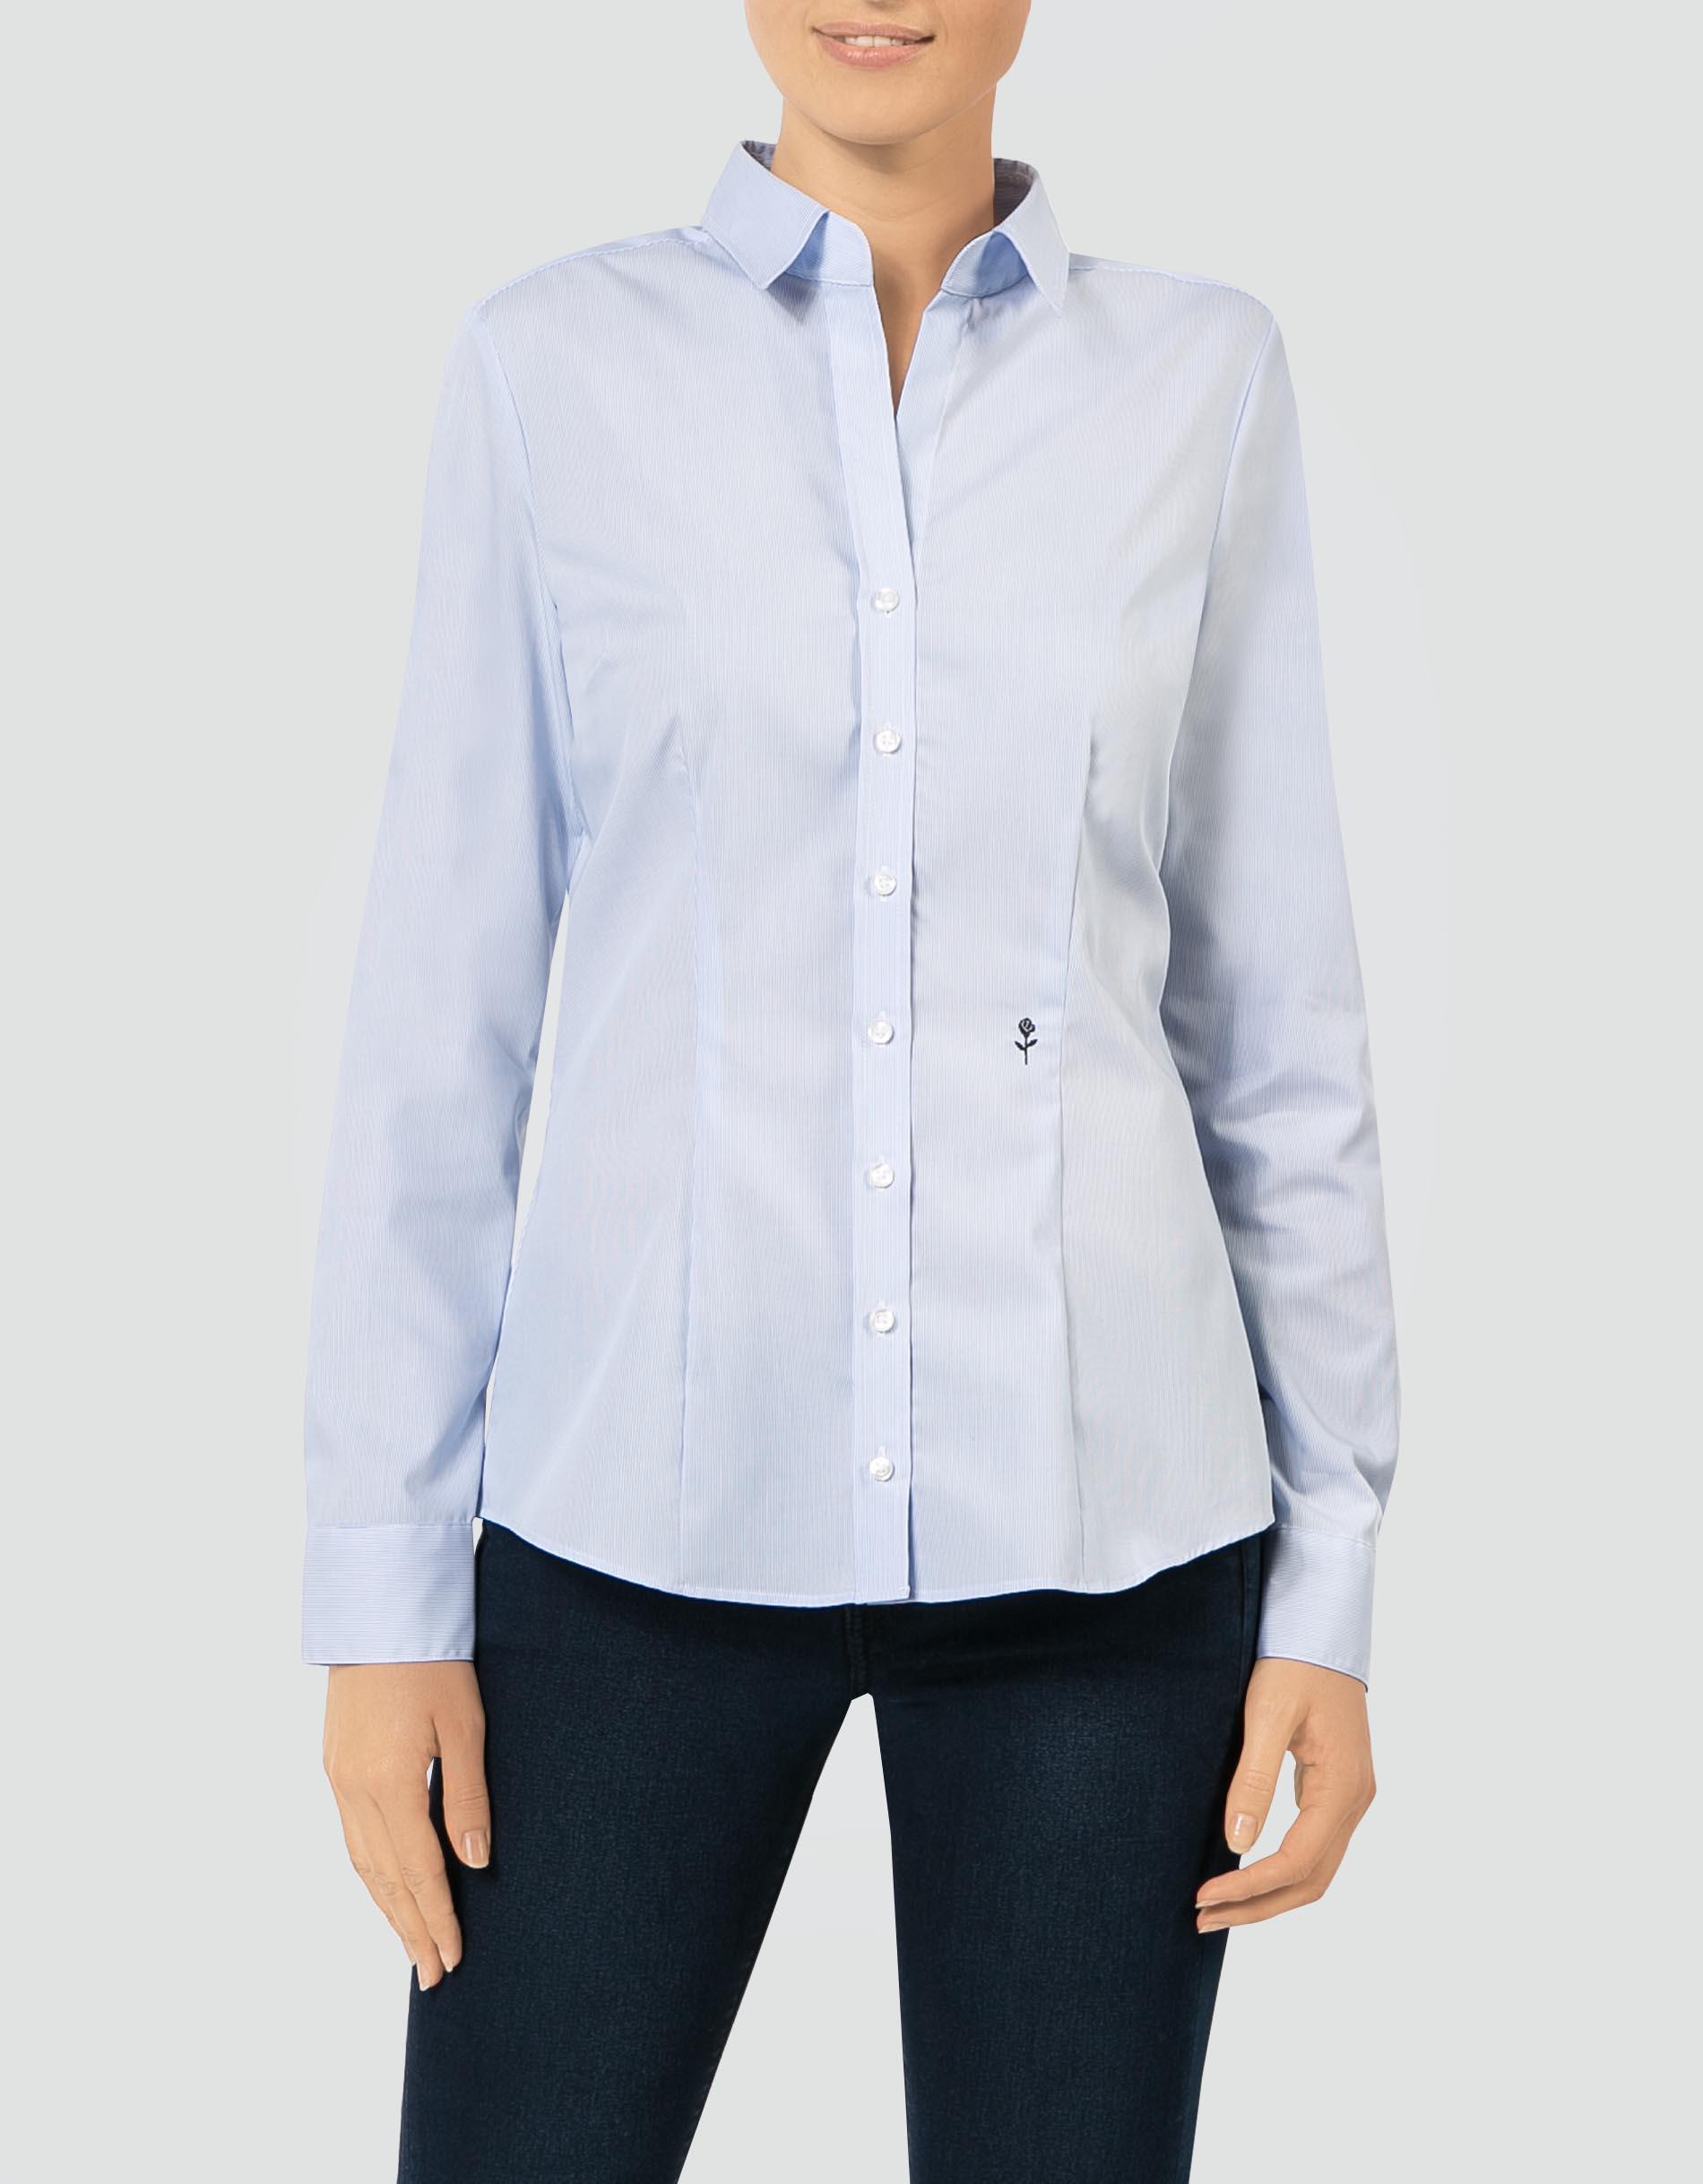 edc4c3a716af Seidensticker Damen Bluse Slim im Streifen-Look empfohlen von Deinen  Schwestern